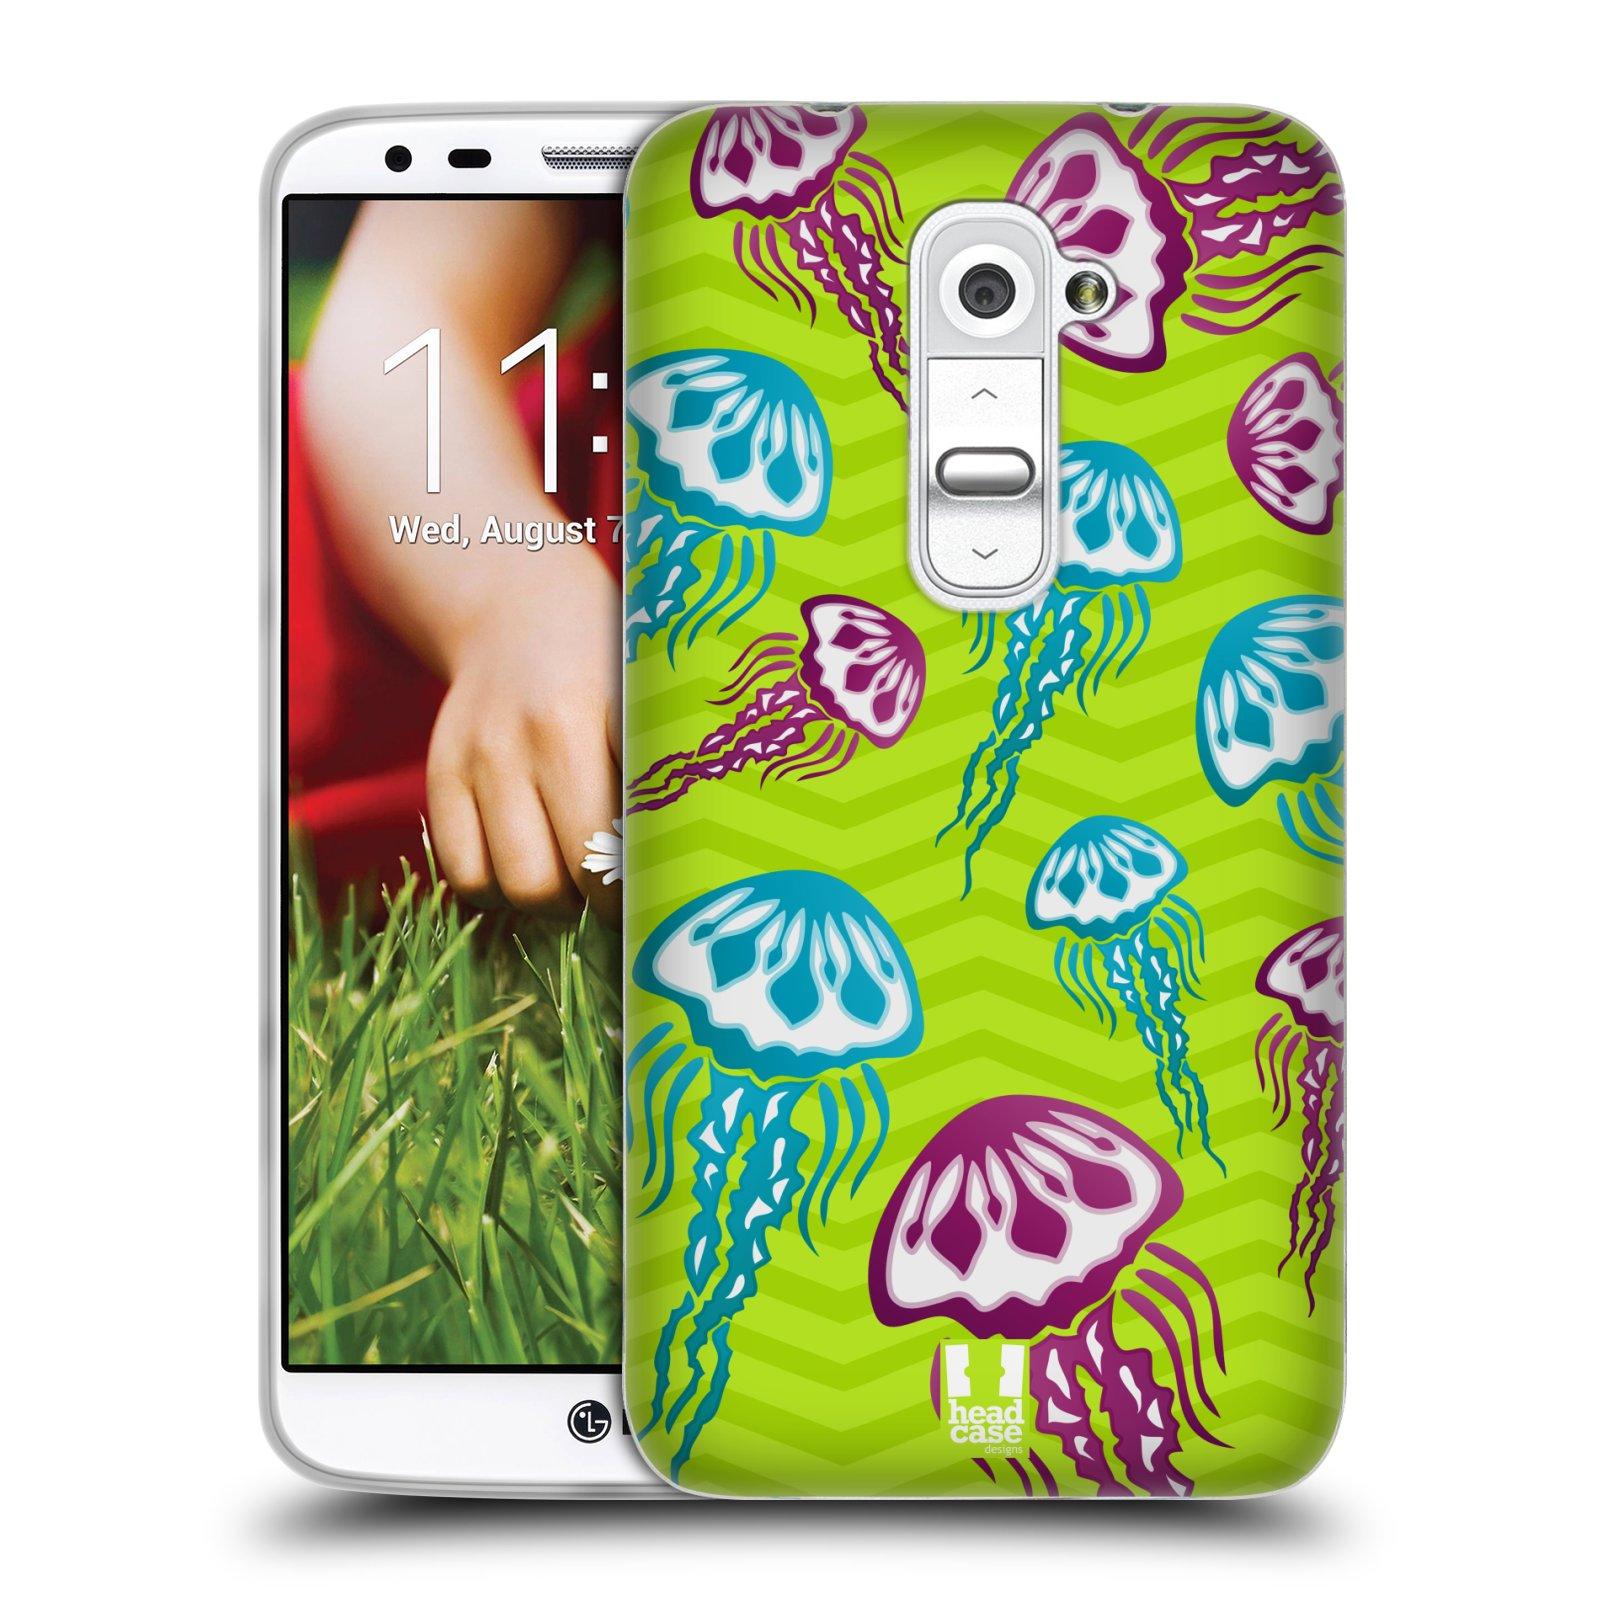 HEAD CASE silikonový obal na mobil LG G2 vzor mořský živočich medůza